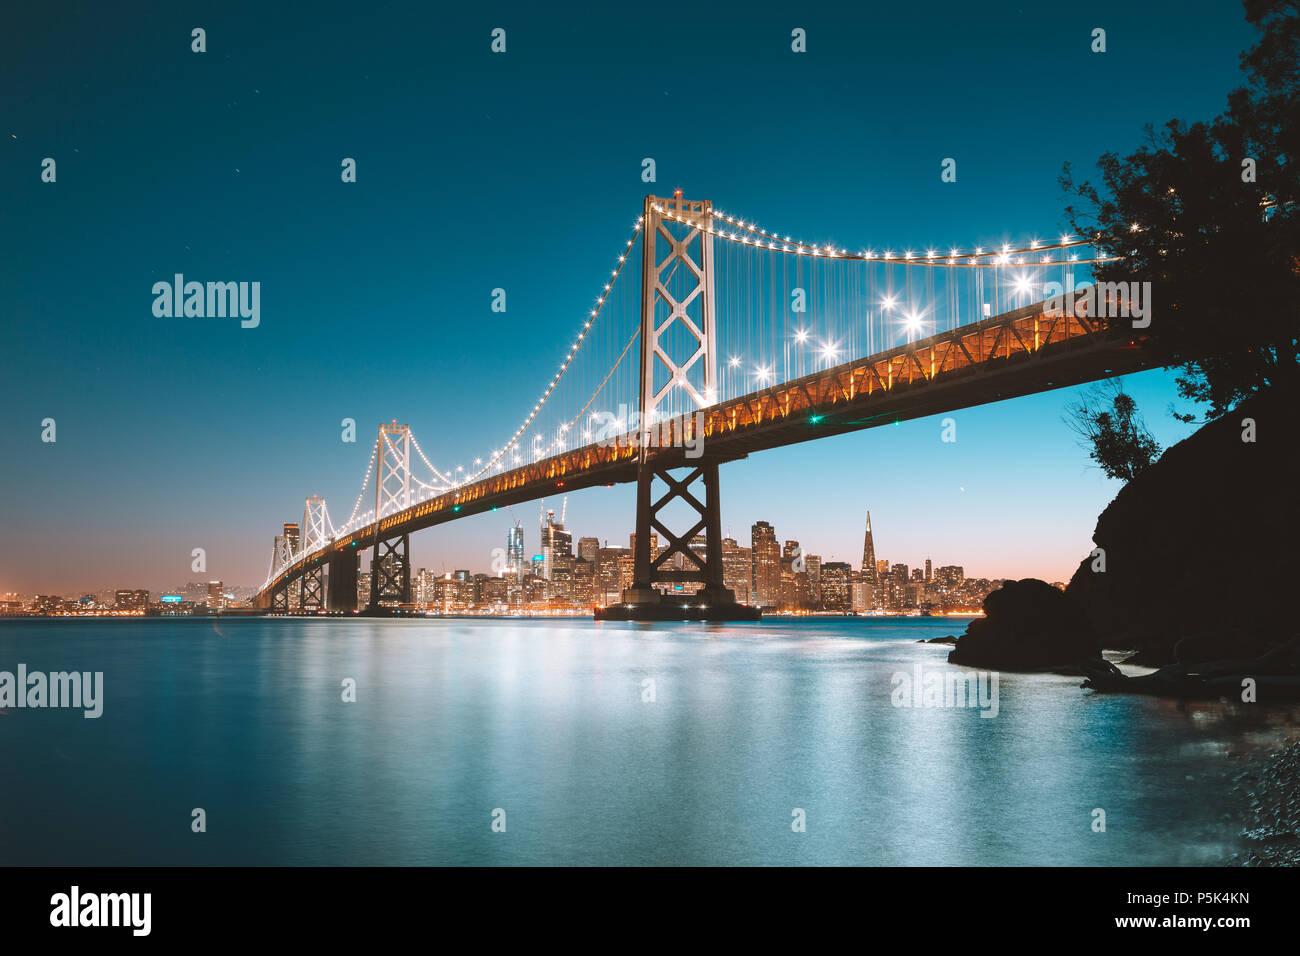 Classic vue panoramique de San Francisco skyline avec célèbre Oakland Bay Bridge illuminée en beau crépuscule du soir au crépuscule en été Photo Stock